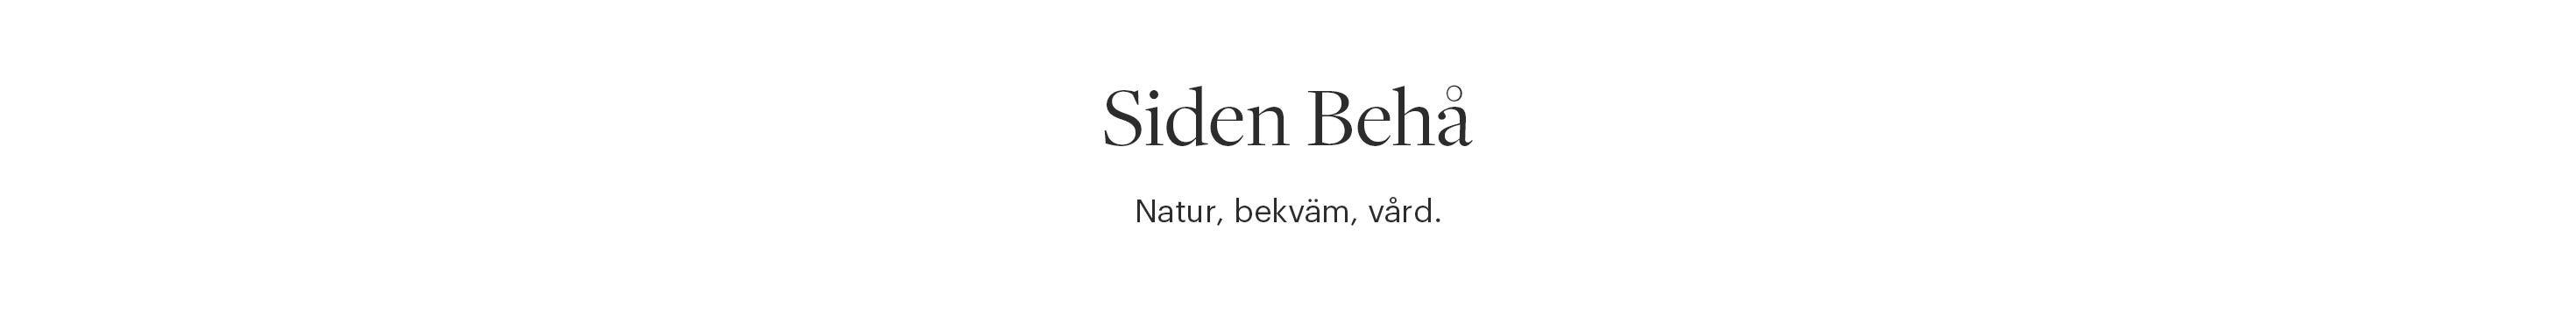 Siden Behå